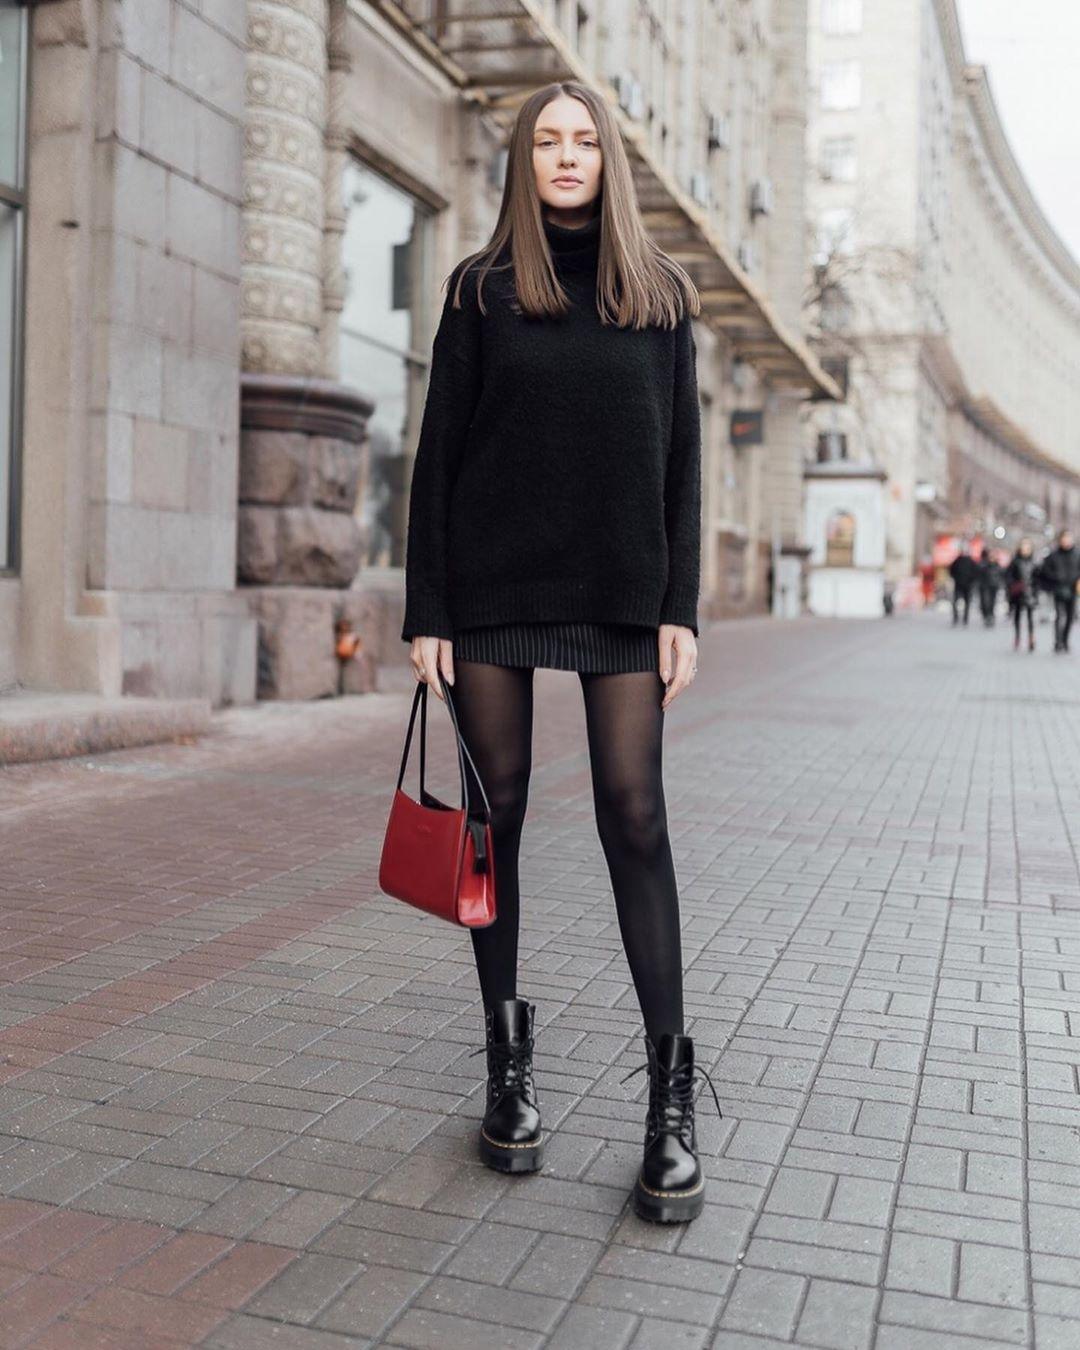 арина любителева фото